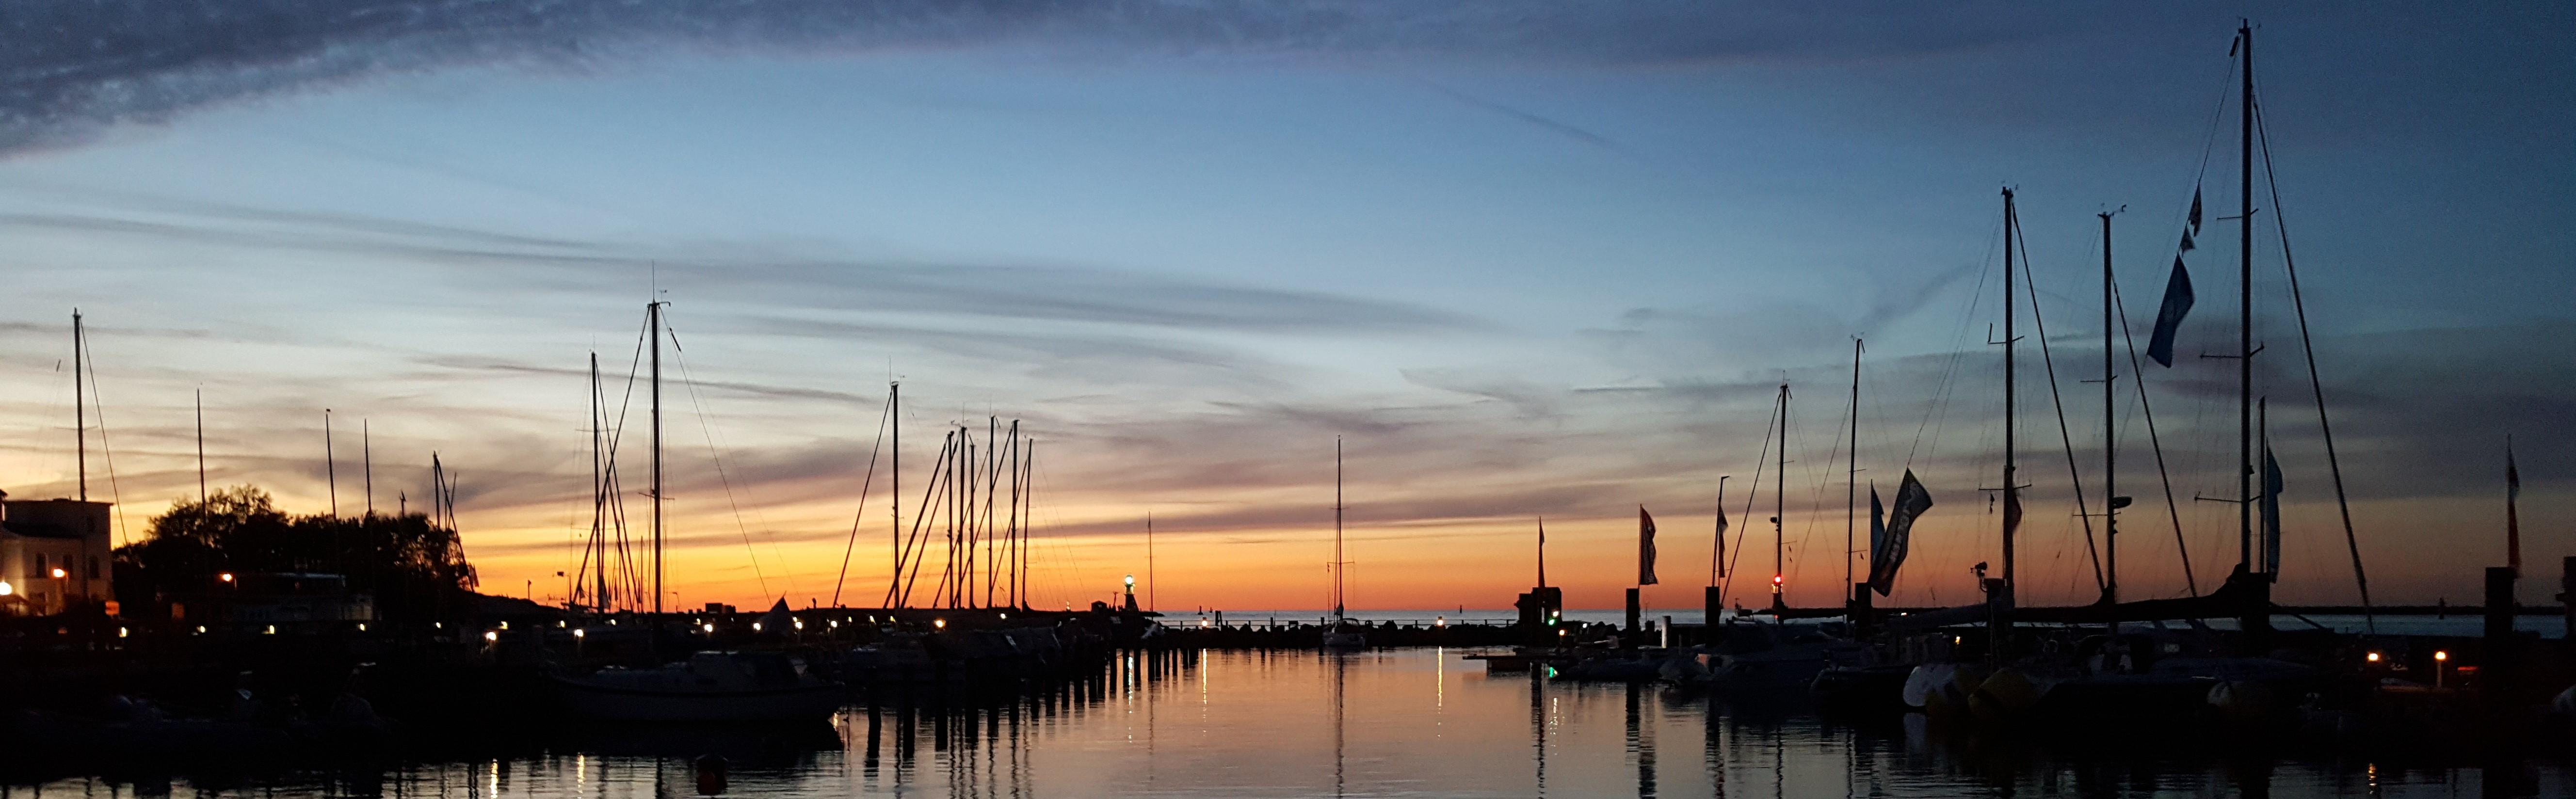 Hafen_Nacht